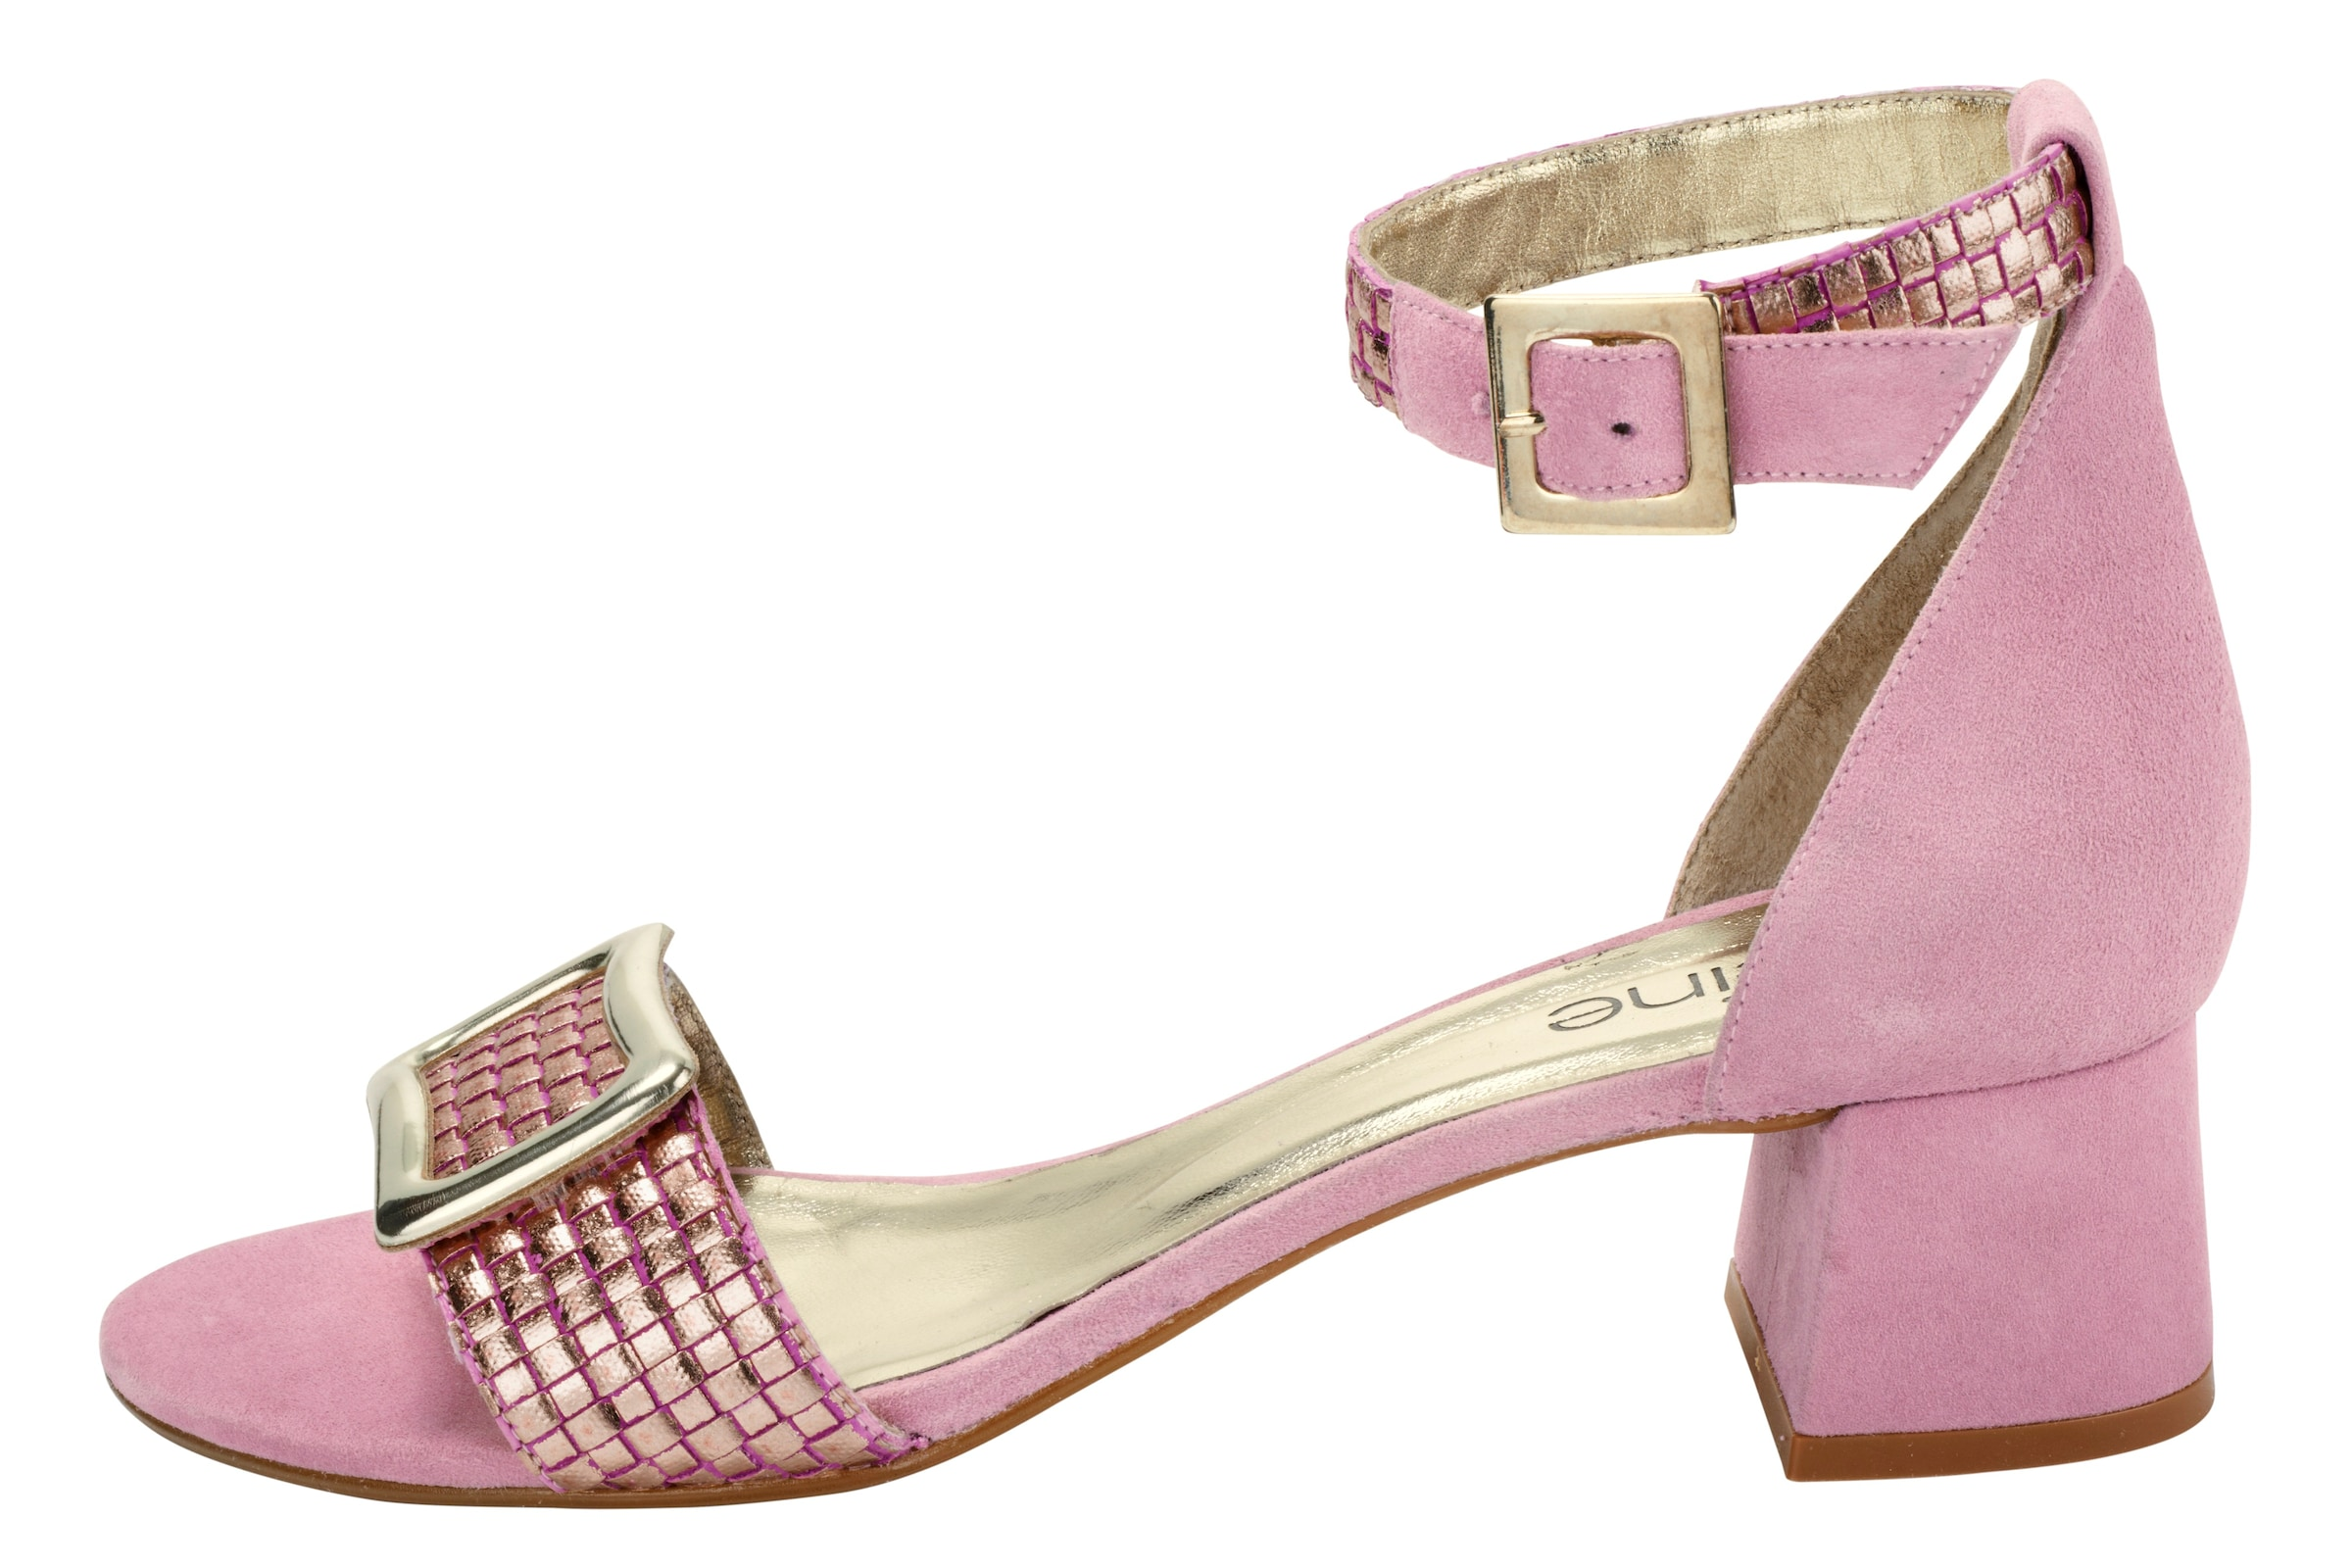 Billig Verkauf Gut Verkaufen heine Sandalette Zuverlässig Günstig Online EXmvDCA